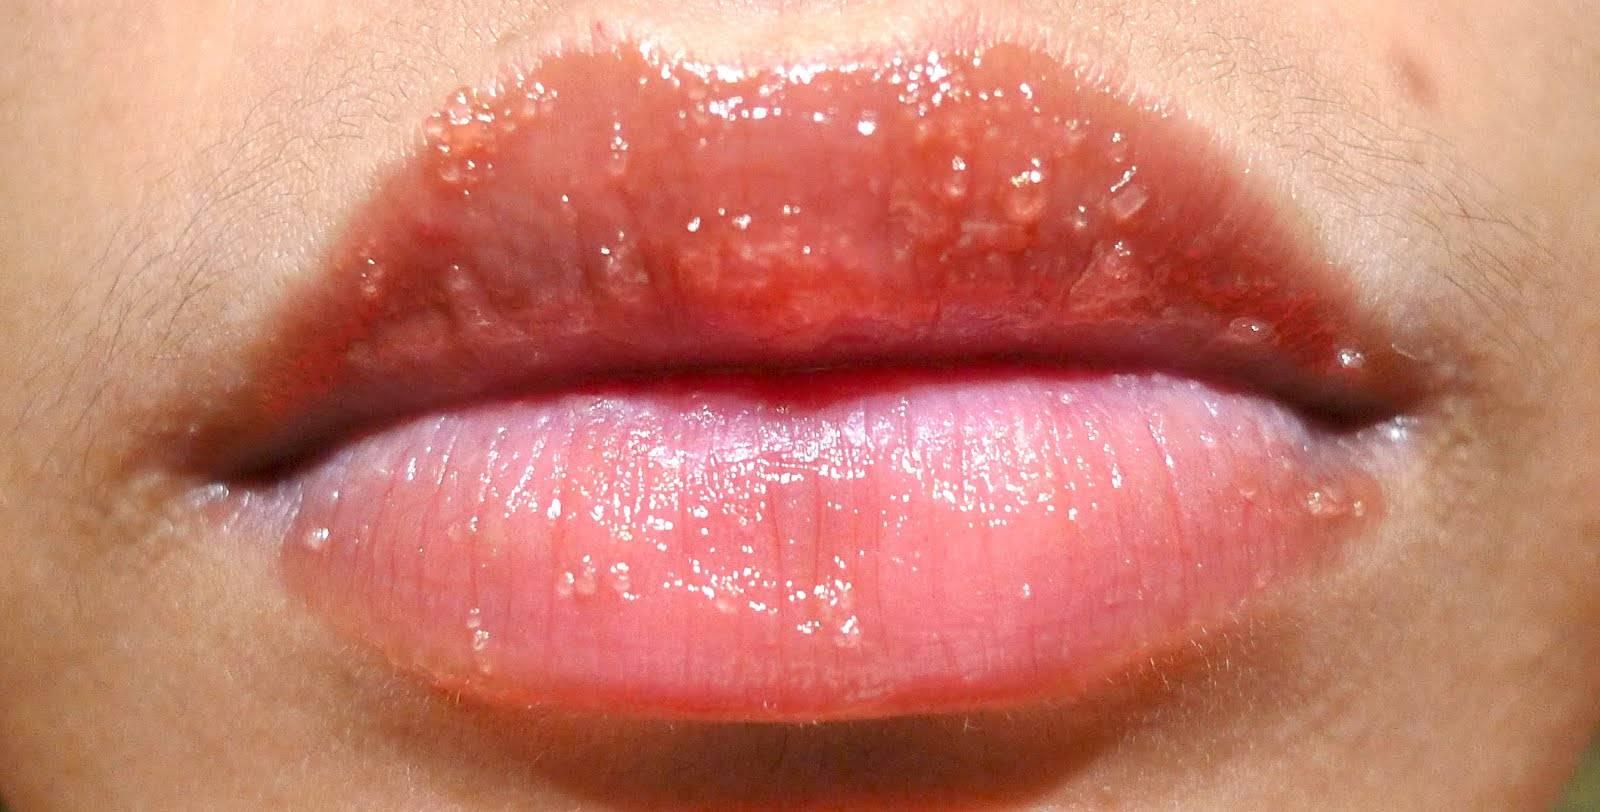 Болячка на губе – симптомы и разновидности заболевания: как лечить язвочку, средства, чтобы избавиться от ранки